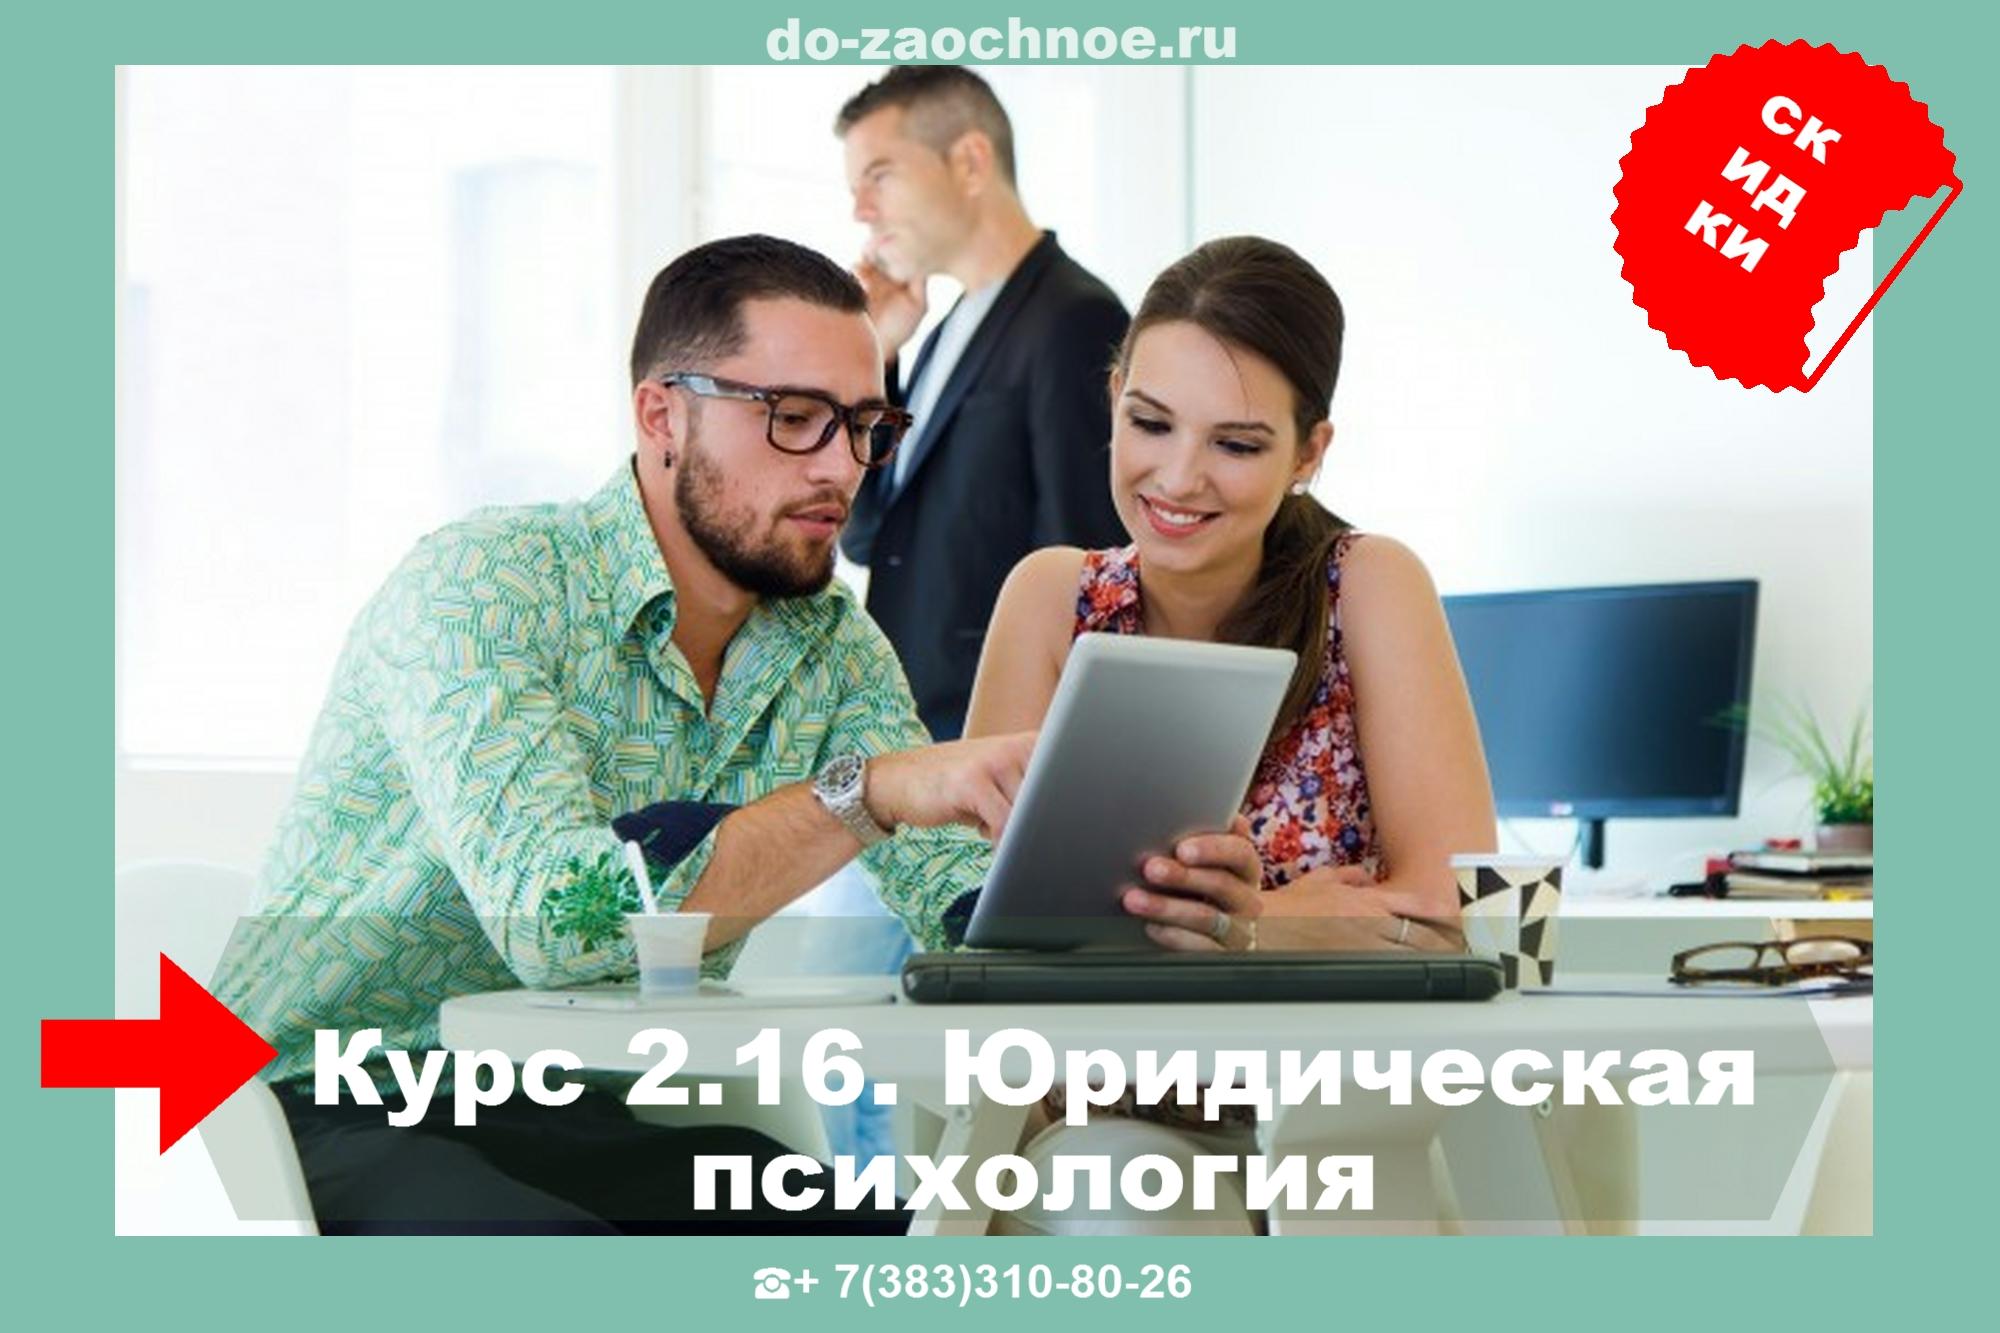 ИДПК дистанционные курсы Юридическая психология на do-zaochnoe.ru ТУТ!